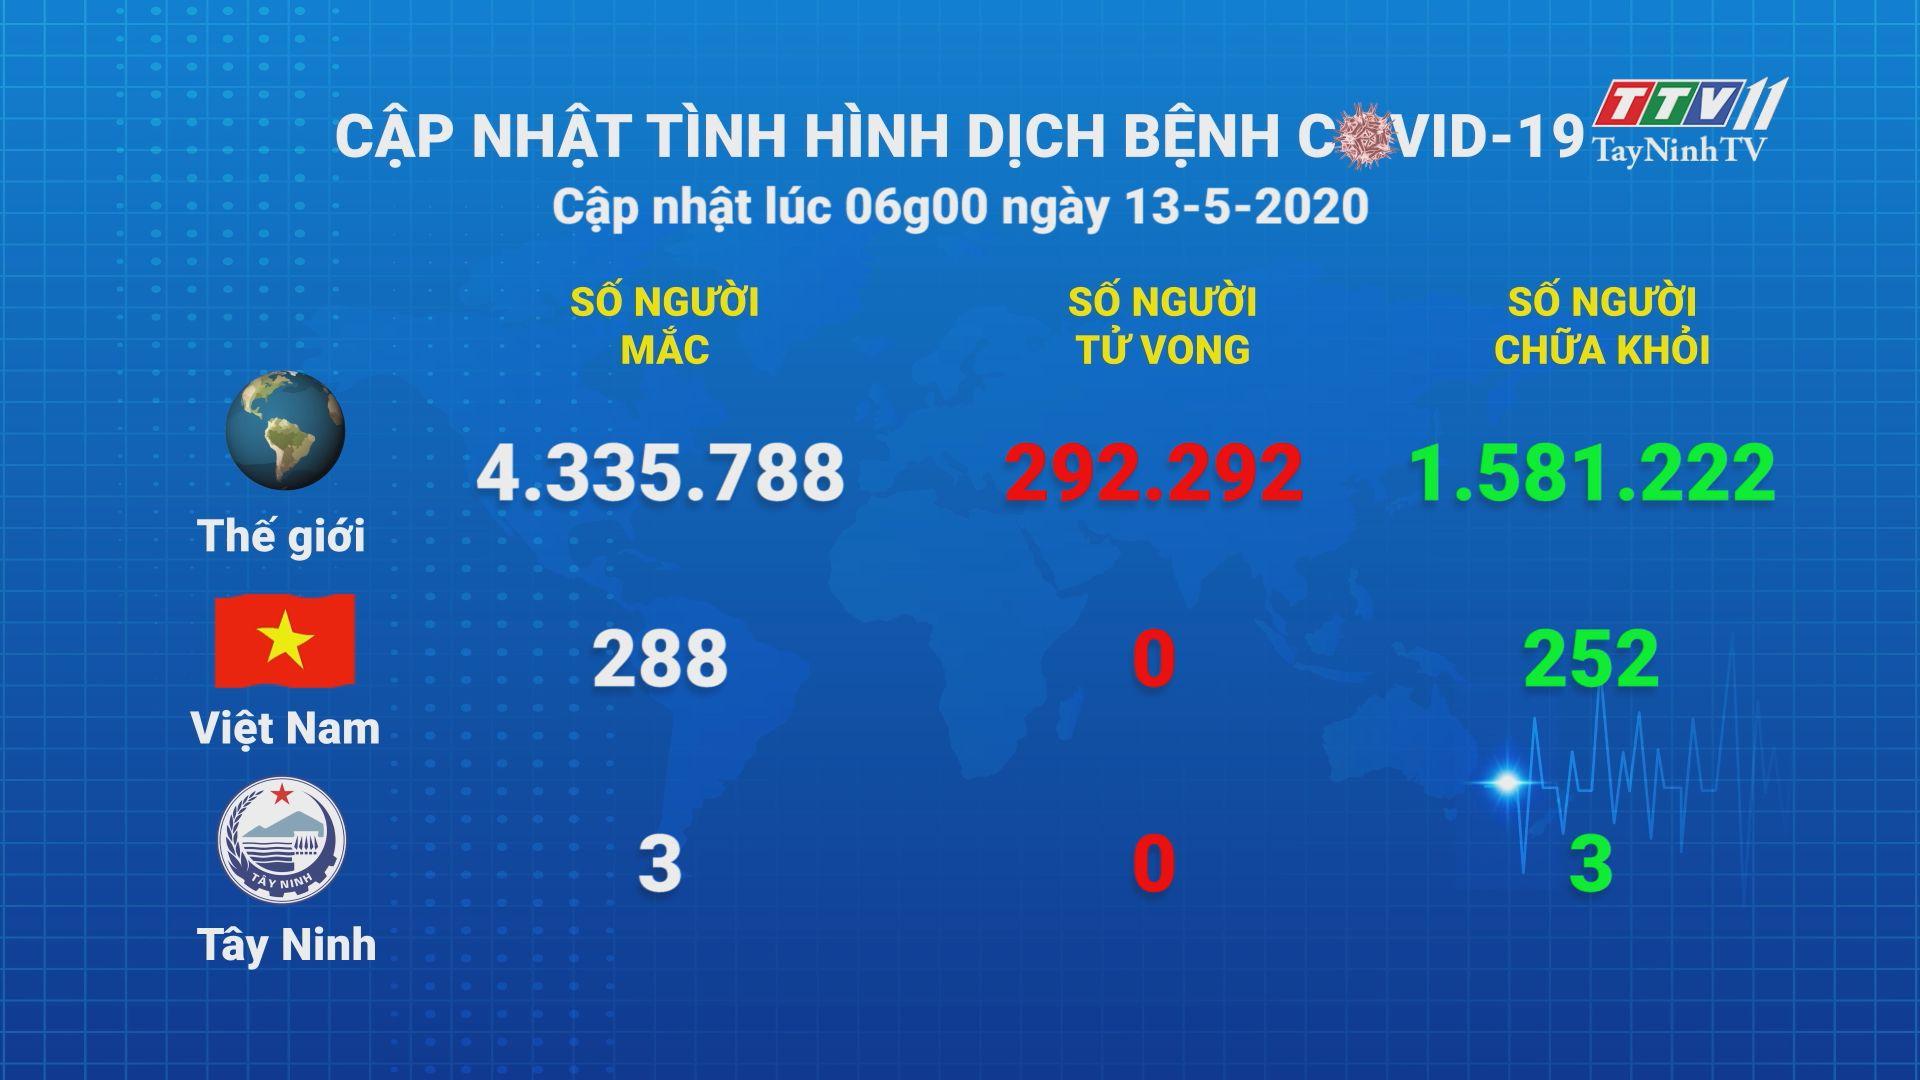 Cập nhật tình hình Covid-19 vào lúc 06 giờ 13-5-2020 | Thông tin dịch Covid-19 | TayNinhTV